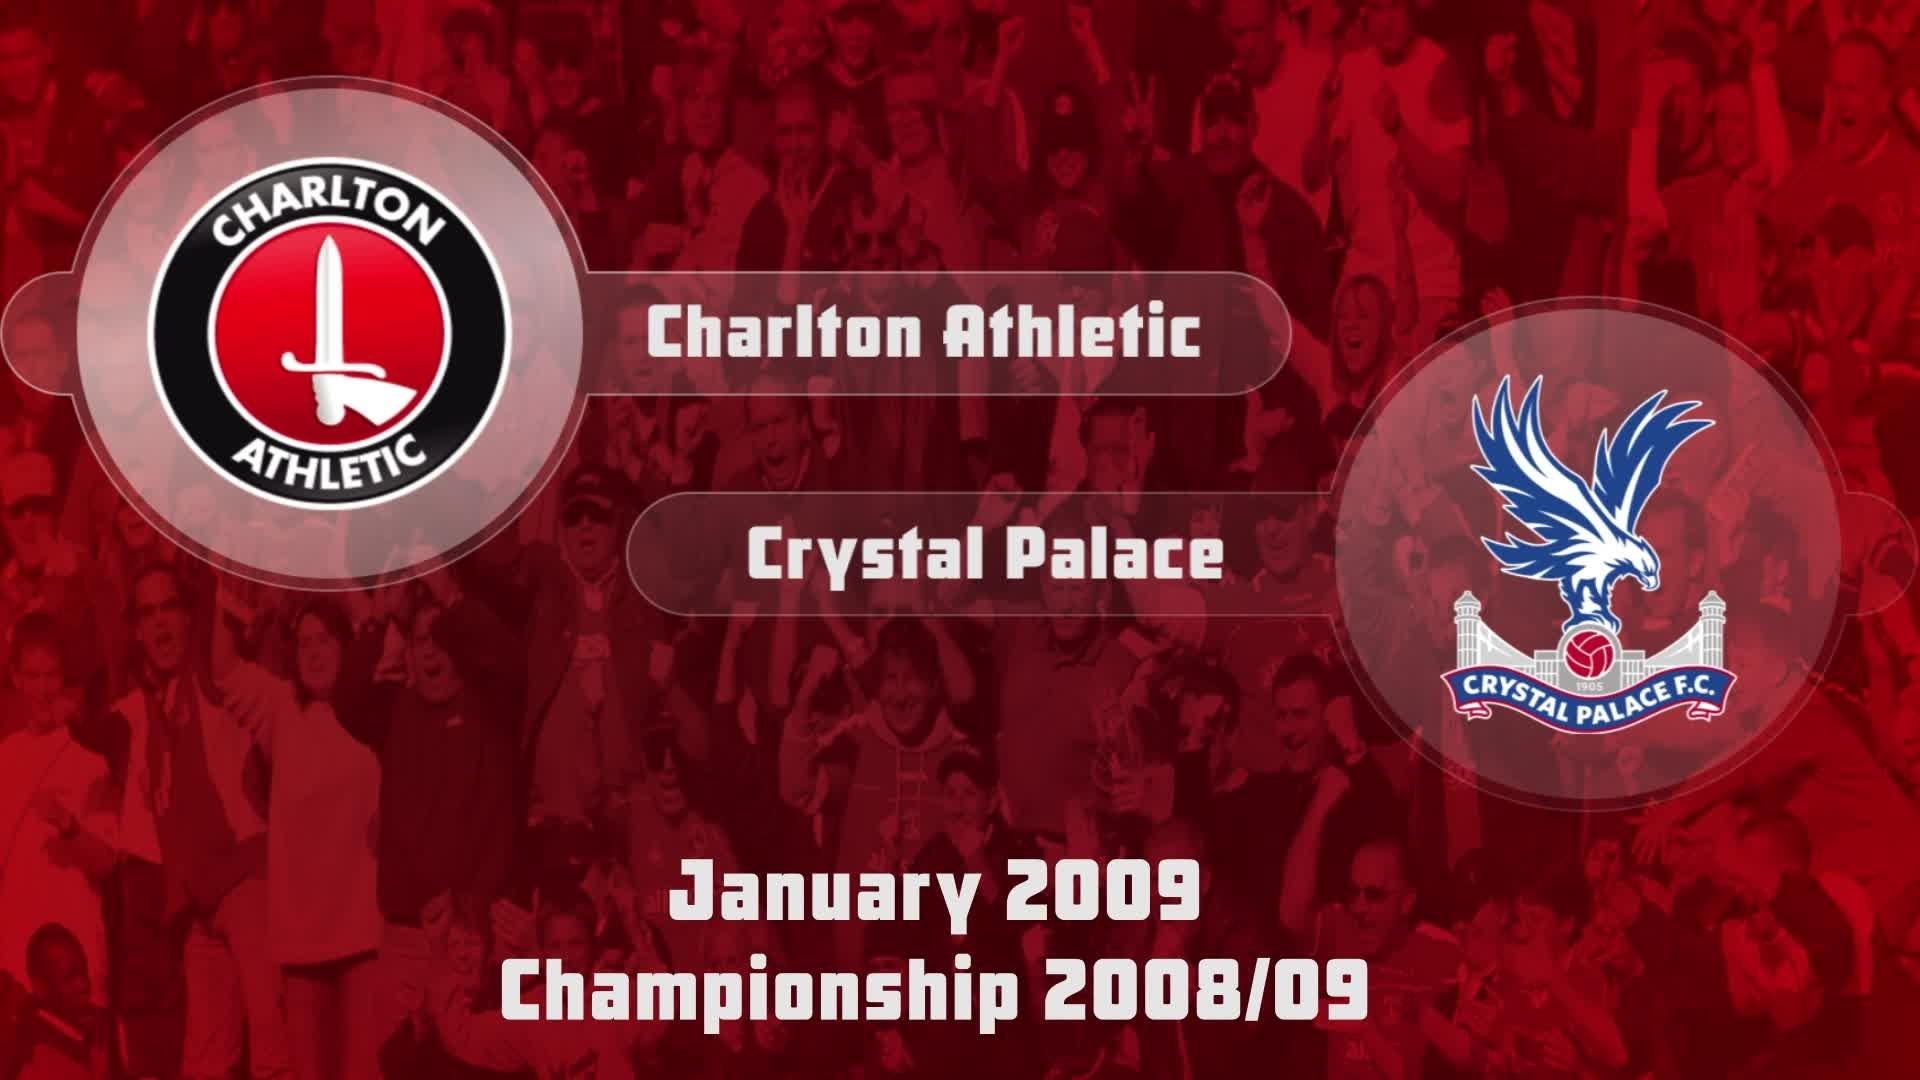 33 HIGHLIGHTS | Charlton 1 Crystal Palace 0 (Jan 2009)